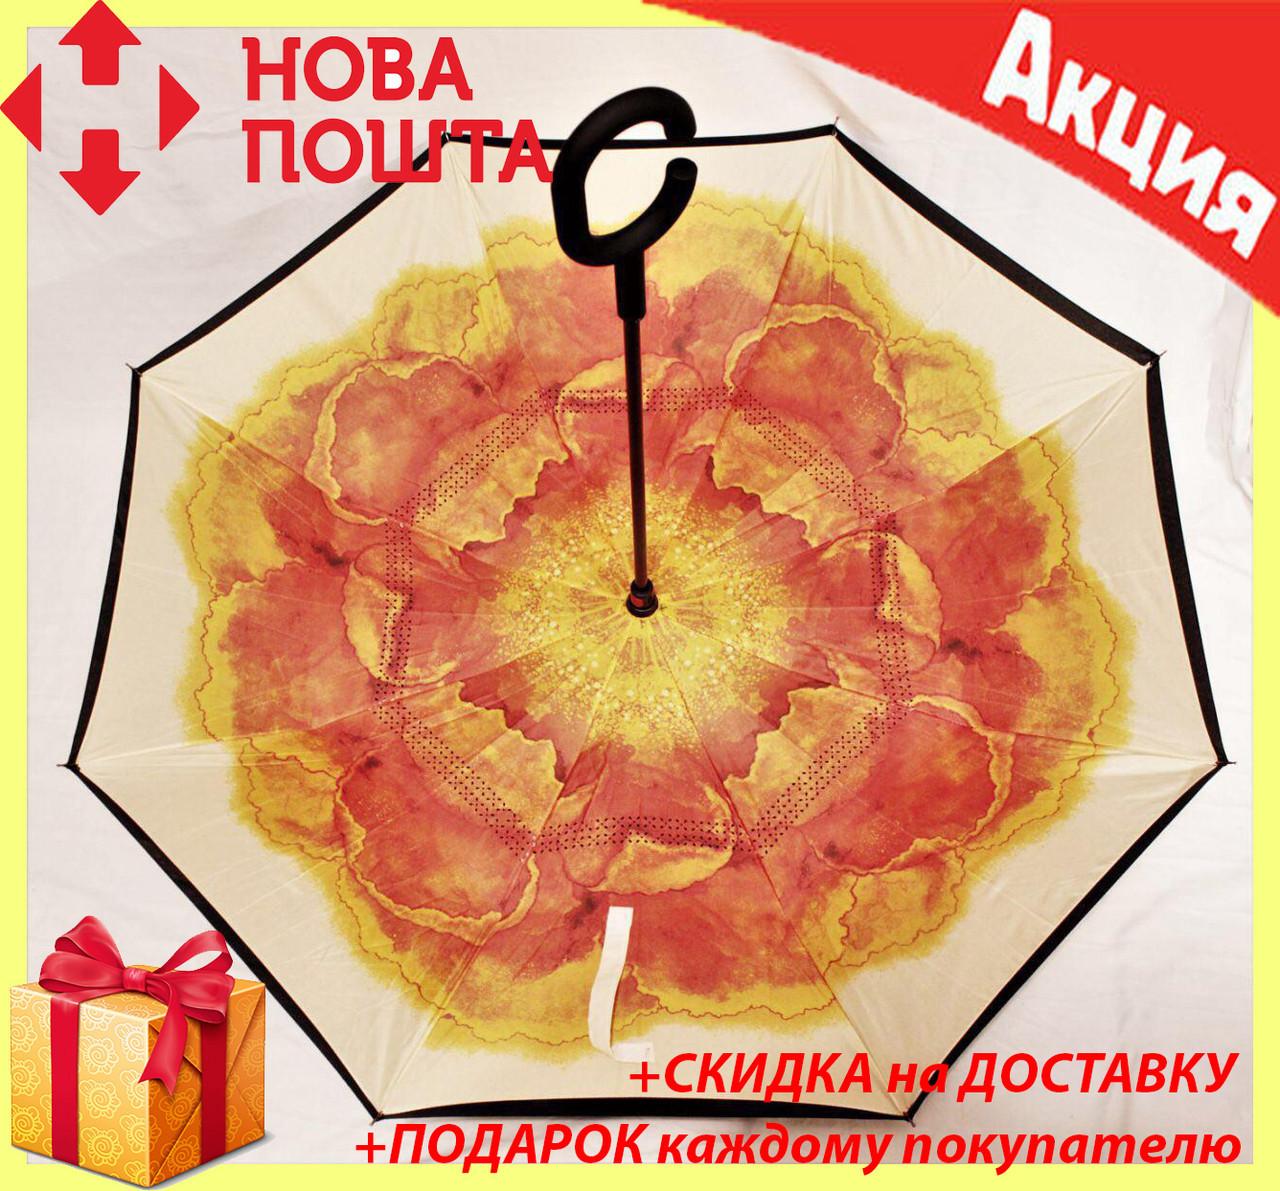 Ветрозащитный зонт Up-Brella антизонт Зонт обратного сложения (Оранжевый Цветок)